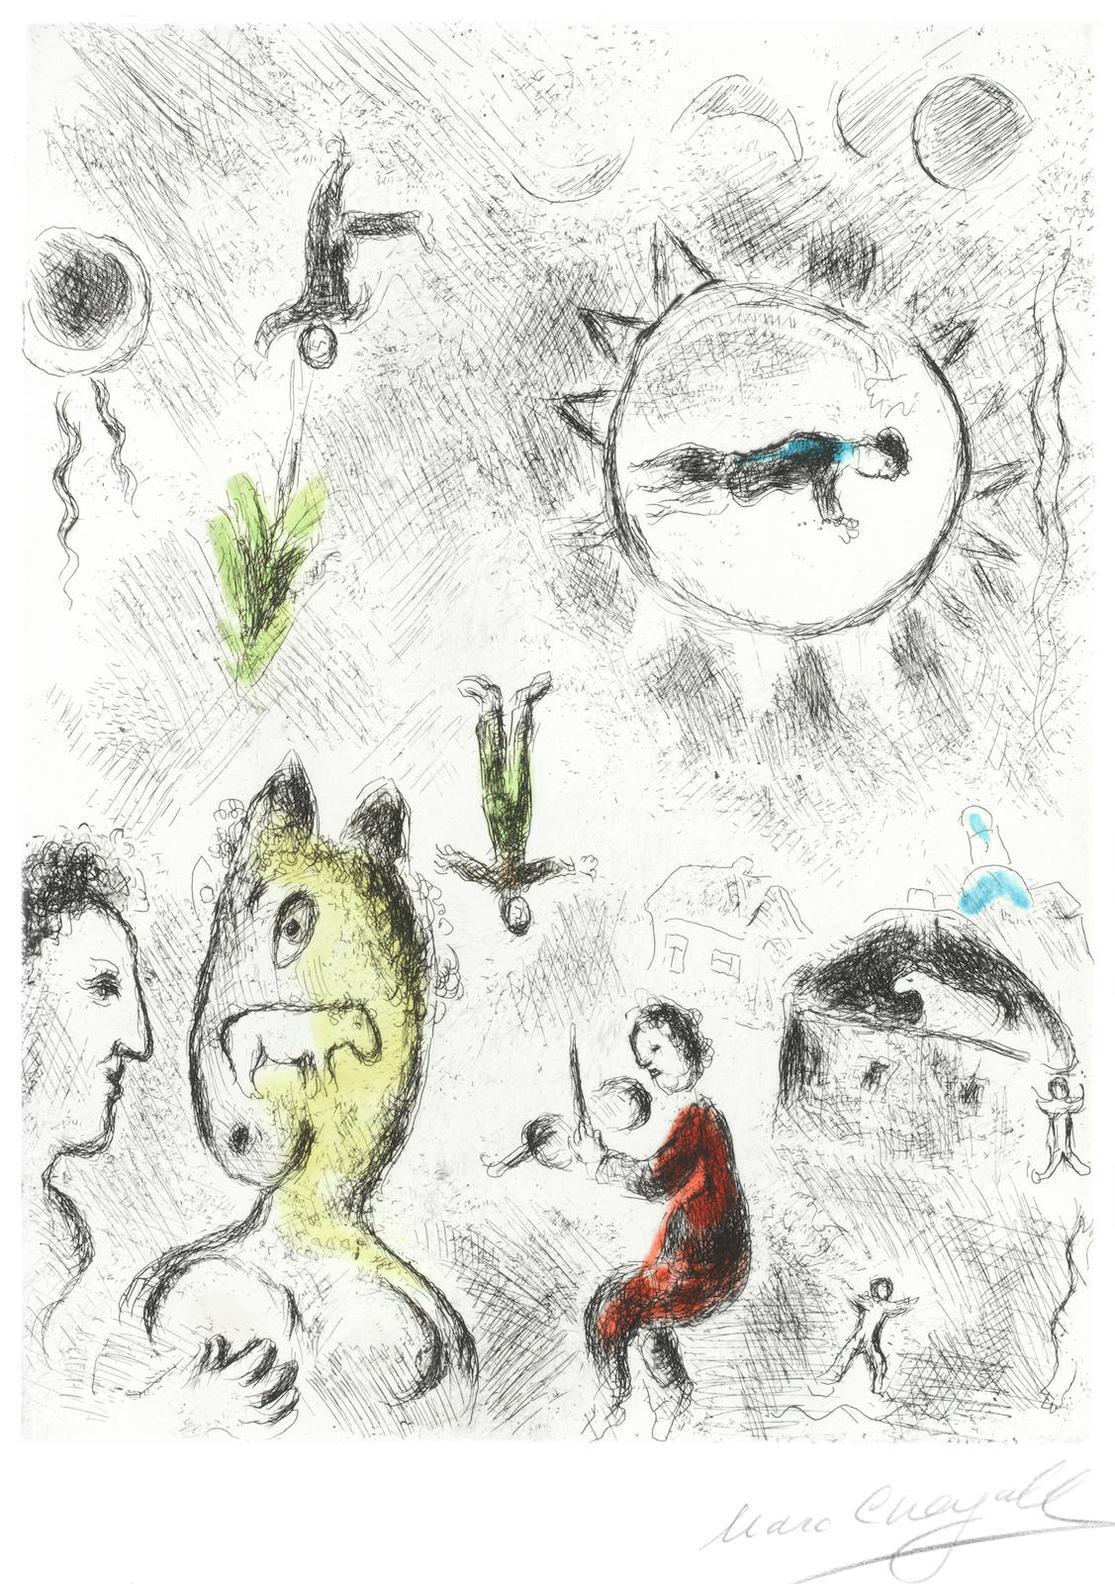 Marc Chagall-Plate 25, From Louis Aragon - Celui Qui Dit Les Choses Sans Rien Dire (Cramer Books 99)-1976